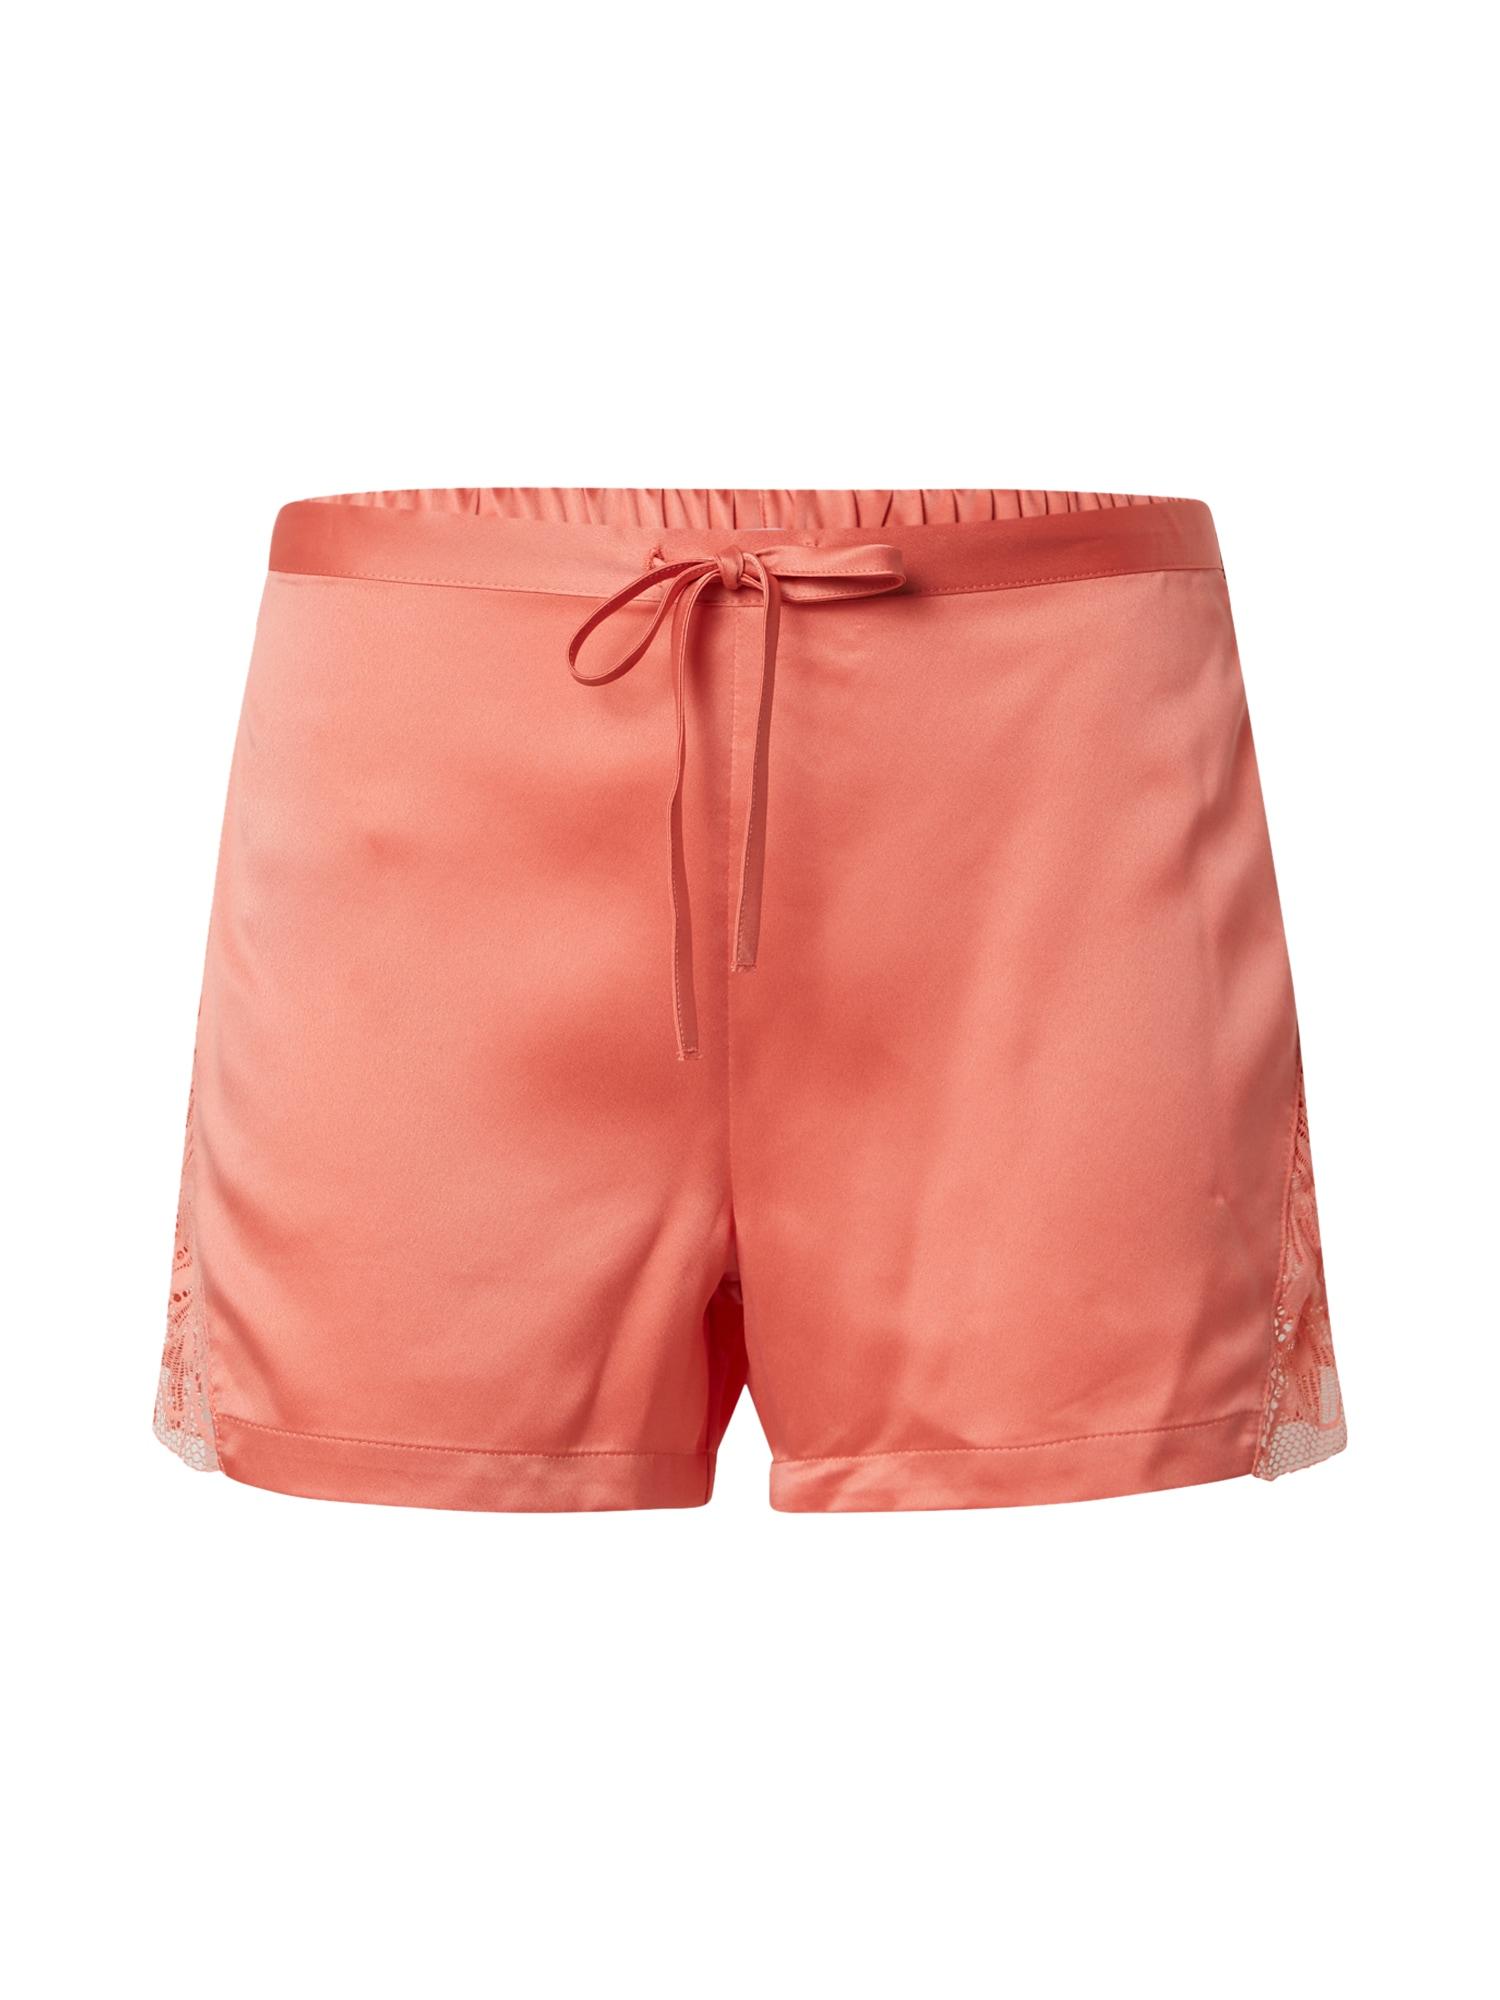 PASSIONATA Pižaminės kelnės lašišų spalva